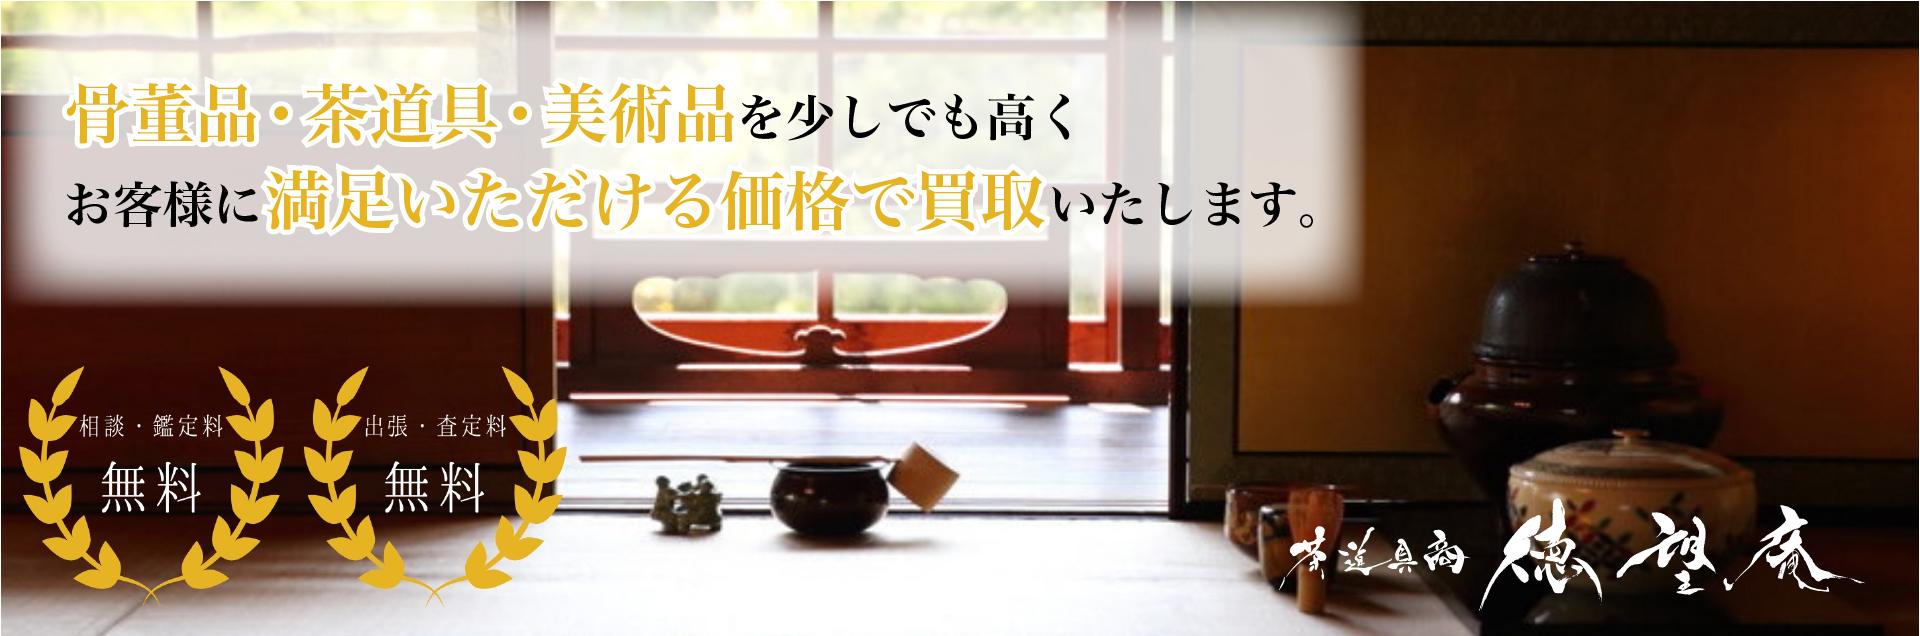 大阪・京都・奈良・和歌山で骨董買取・着物買取・茶道具買取を依頼するなら徳望庵